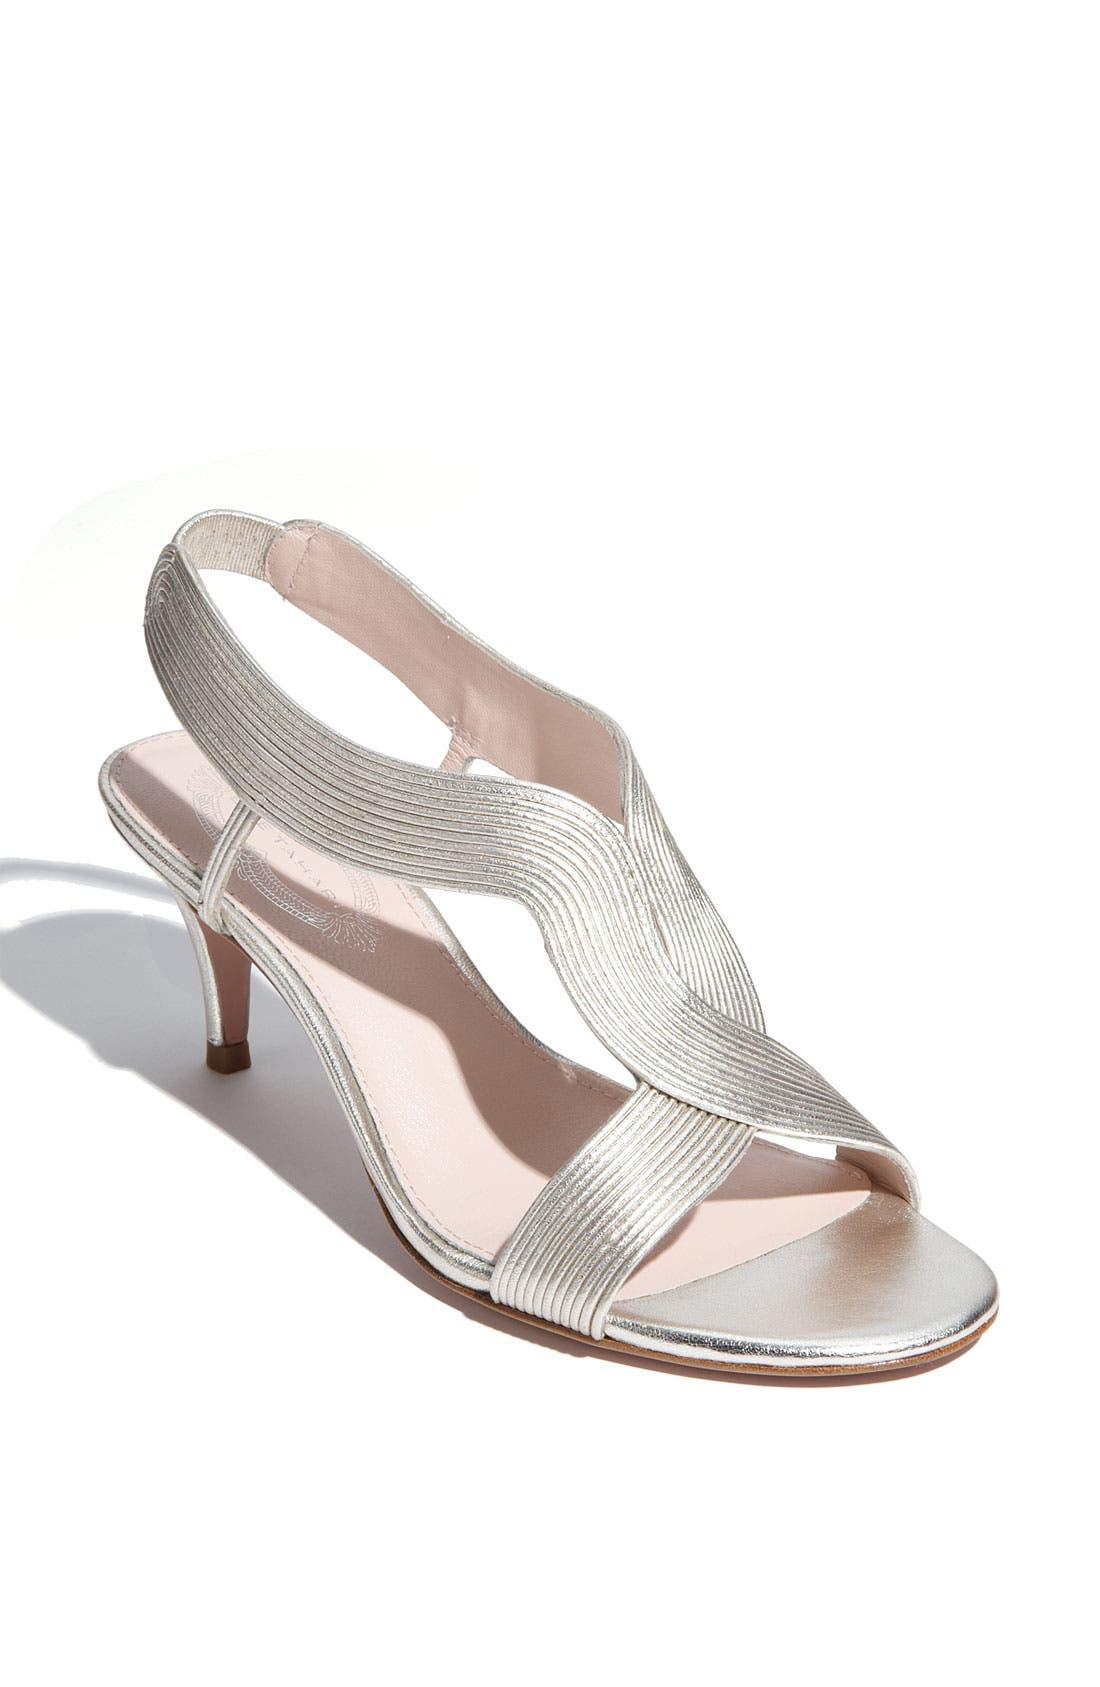 Alternate Image 1 Selected - Elie Tahari 'Celia' Sandal